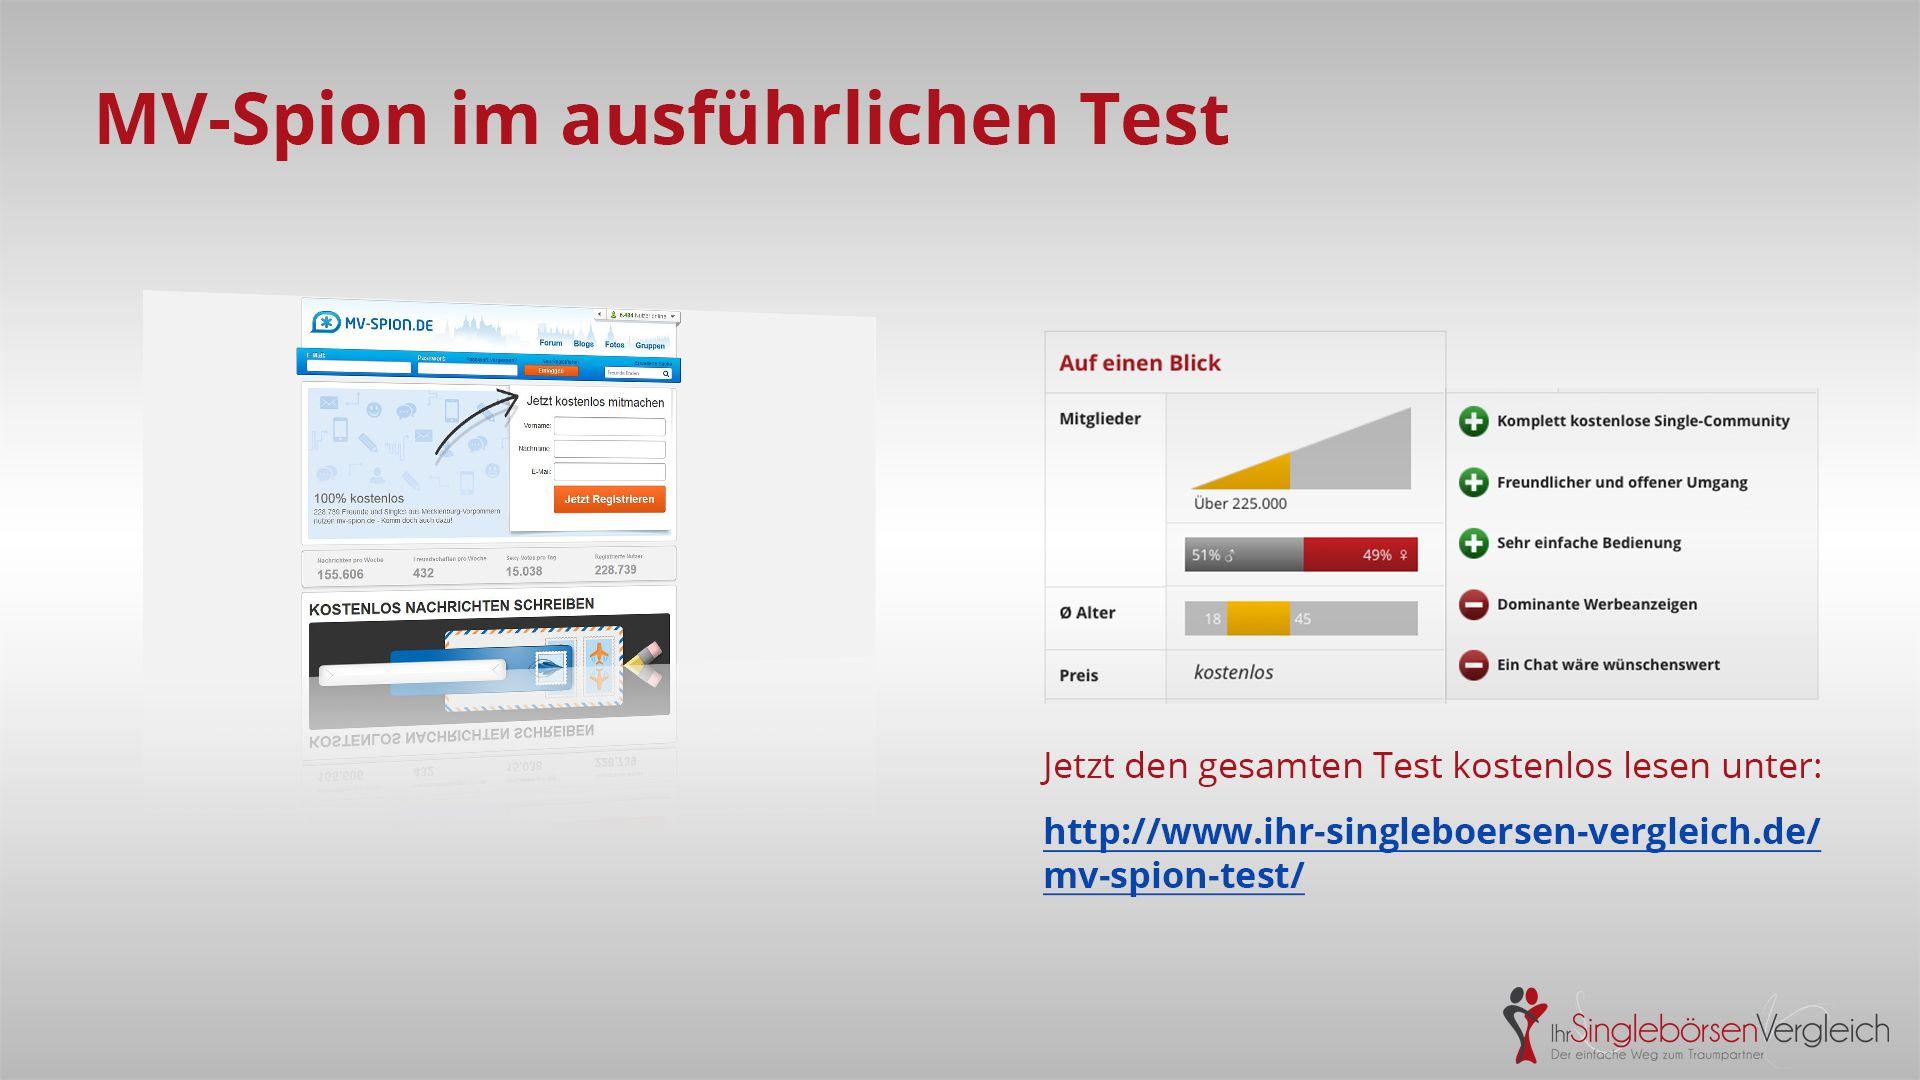 http://www.ihr-singleboersen-vergleich.de/mv-spion-test/ MV-Spion - eine solide und freundliche Single-Community für Singles aus Meck-Pomm.